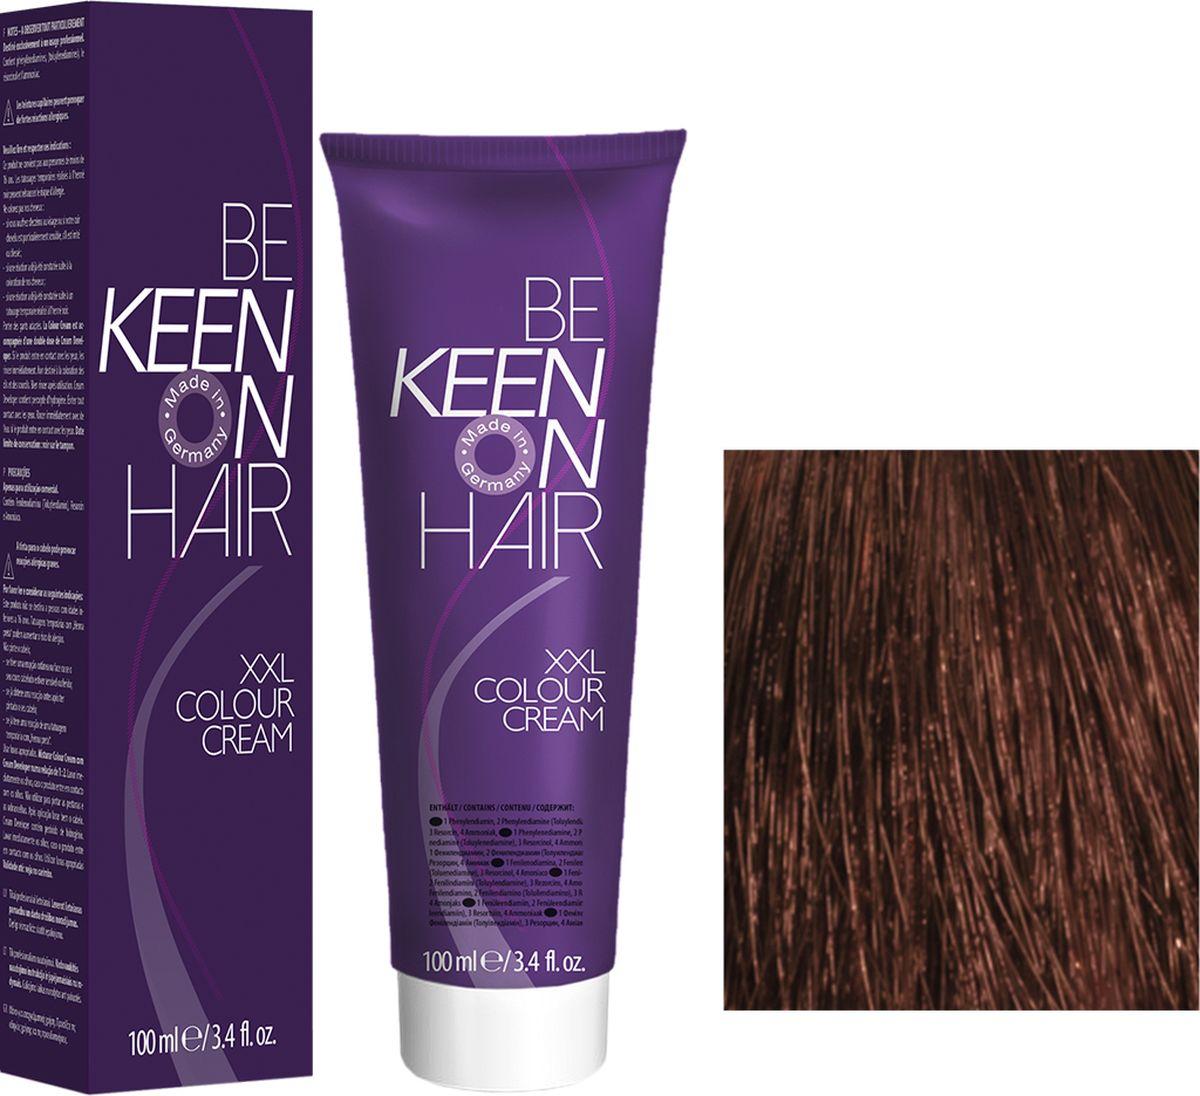 Keen Краска для волос 8.77 Кофе с молоком Milchkaffee, 100 мл69100083Модные оттенкиБолее 100 оттенков для креативной комбинации цветов.ЭкономичностьПри использовании тюбика 100 мл вы получаете оптимальное соотношение цены и качества!УходМолочный белок поддерживает структуру волоса во время окрашивания и придает волосам блеск и шелковистость. Протеины хорошо встраиваются в волосы и снабжают их влагой.